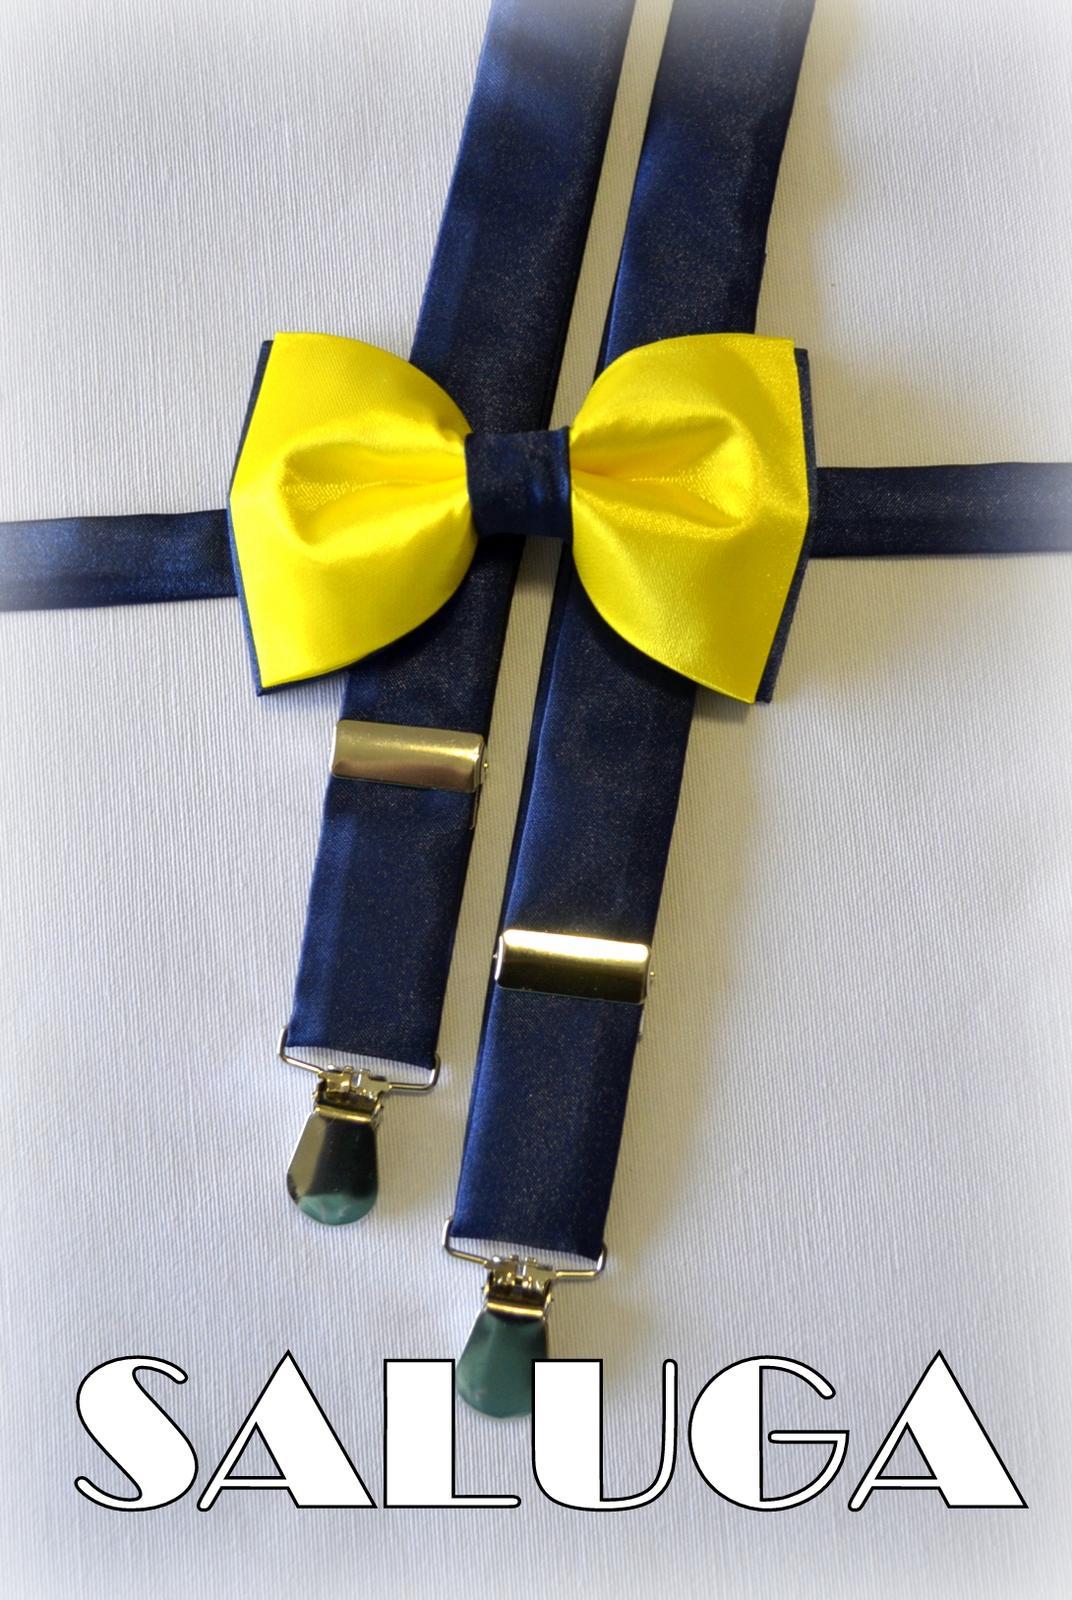 Pánsky motýlik + traky modrý, žltý - Obrázok č. 1